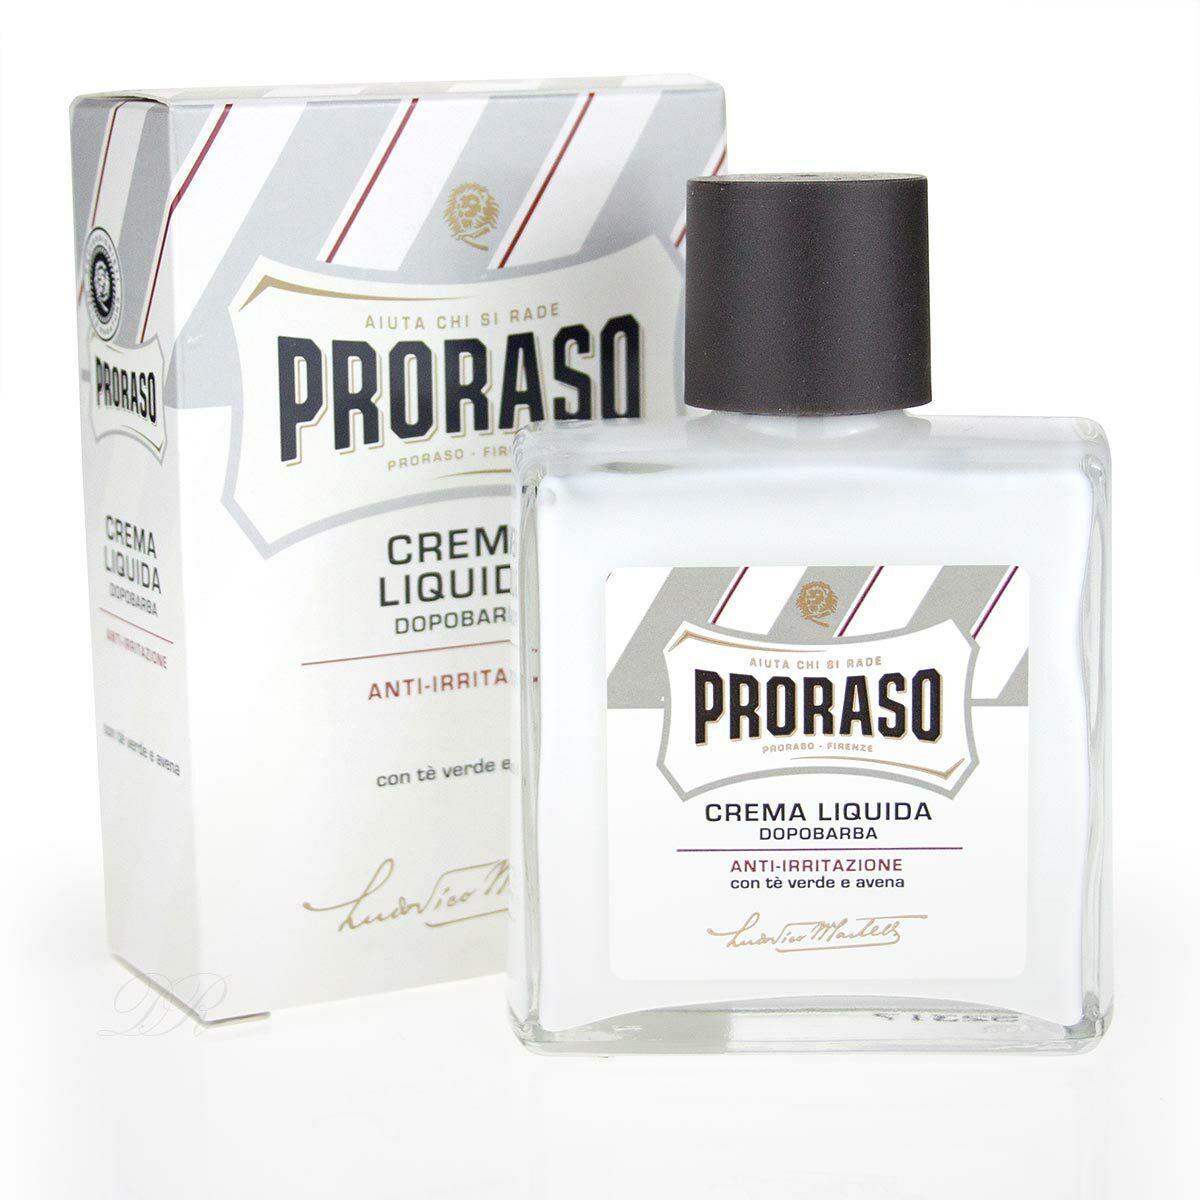 PRORASO - Flüssige After Shave Creme 100ml